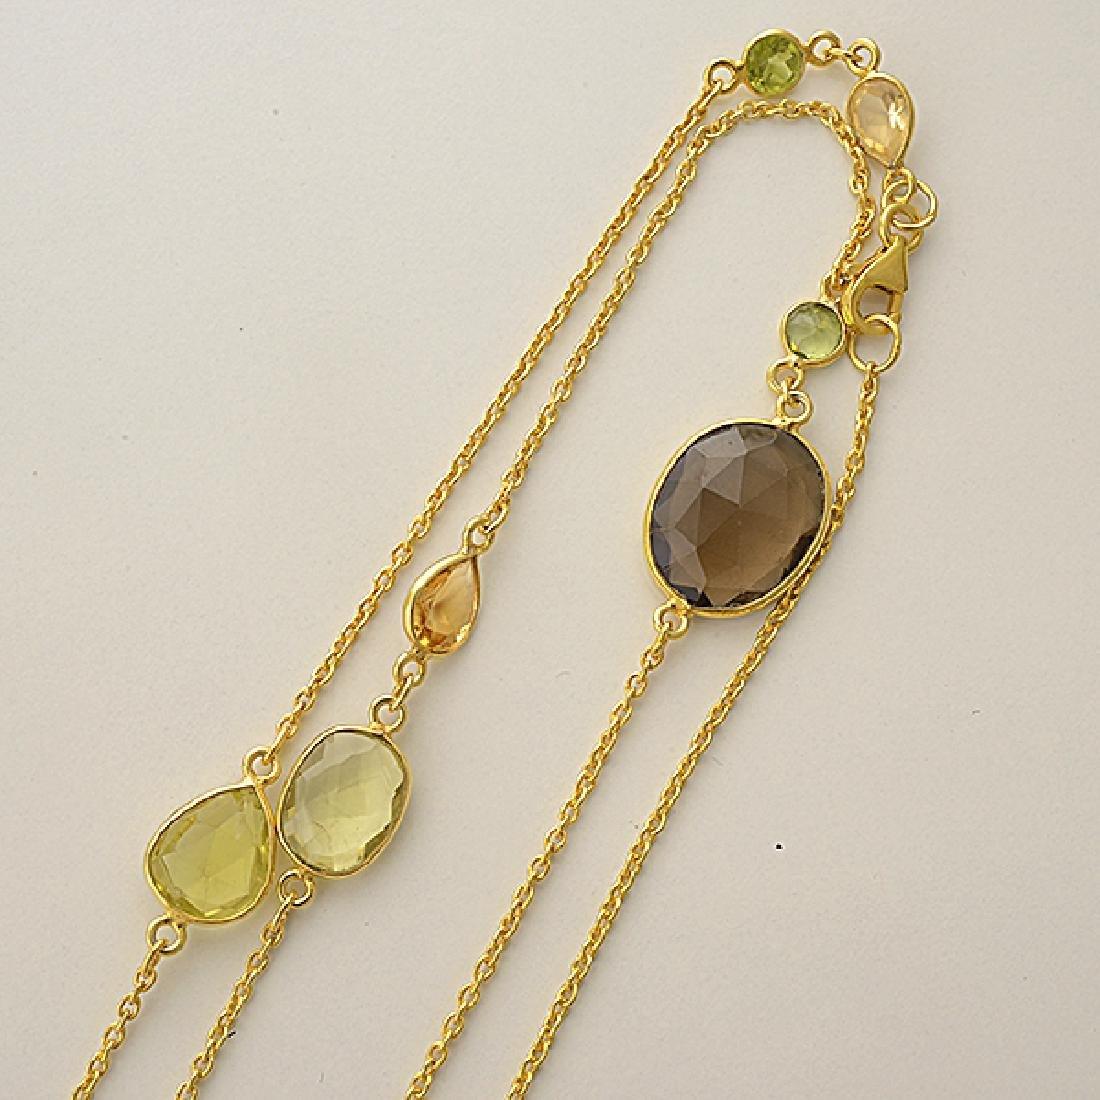 Quartz, Vermeil Necklace. - 3